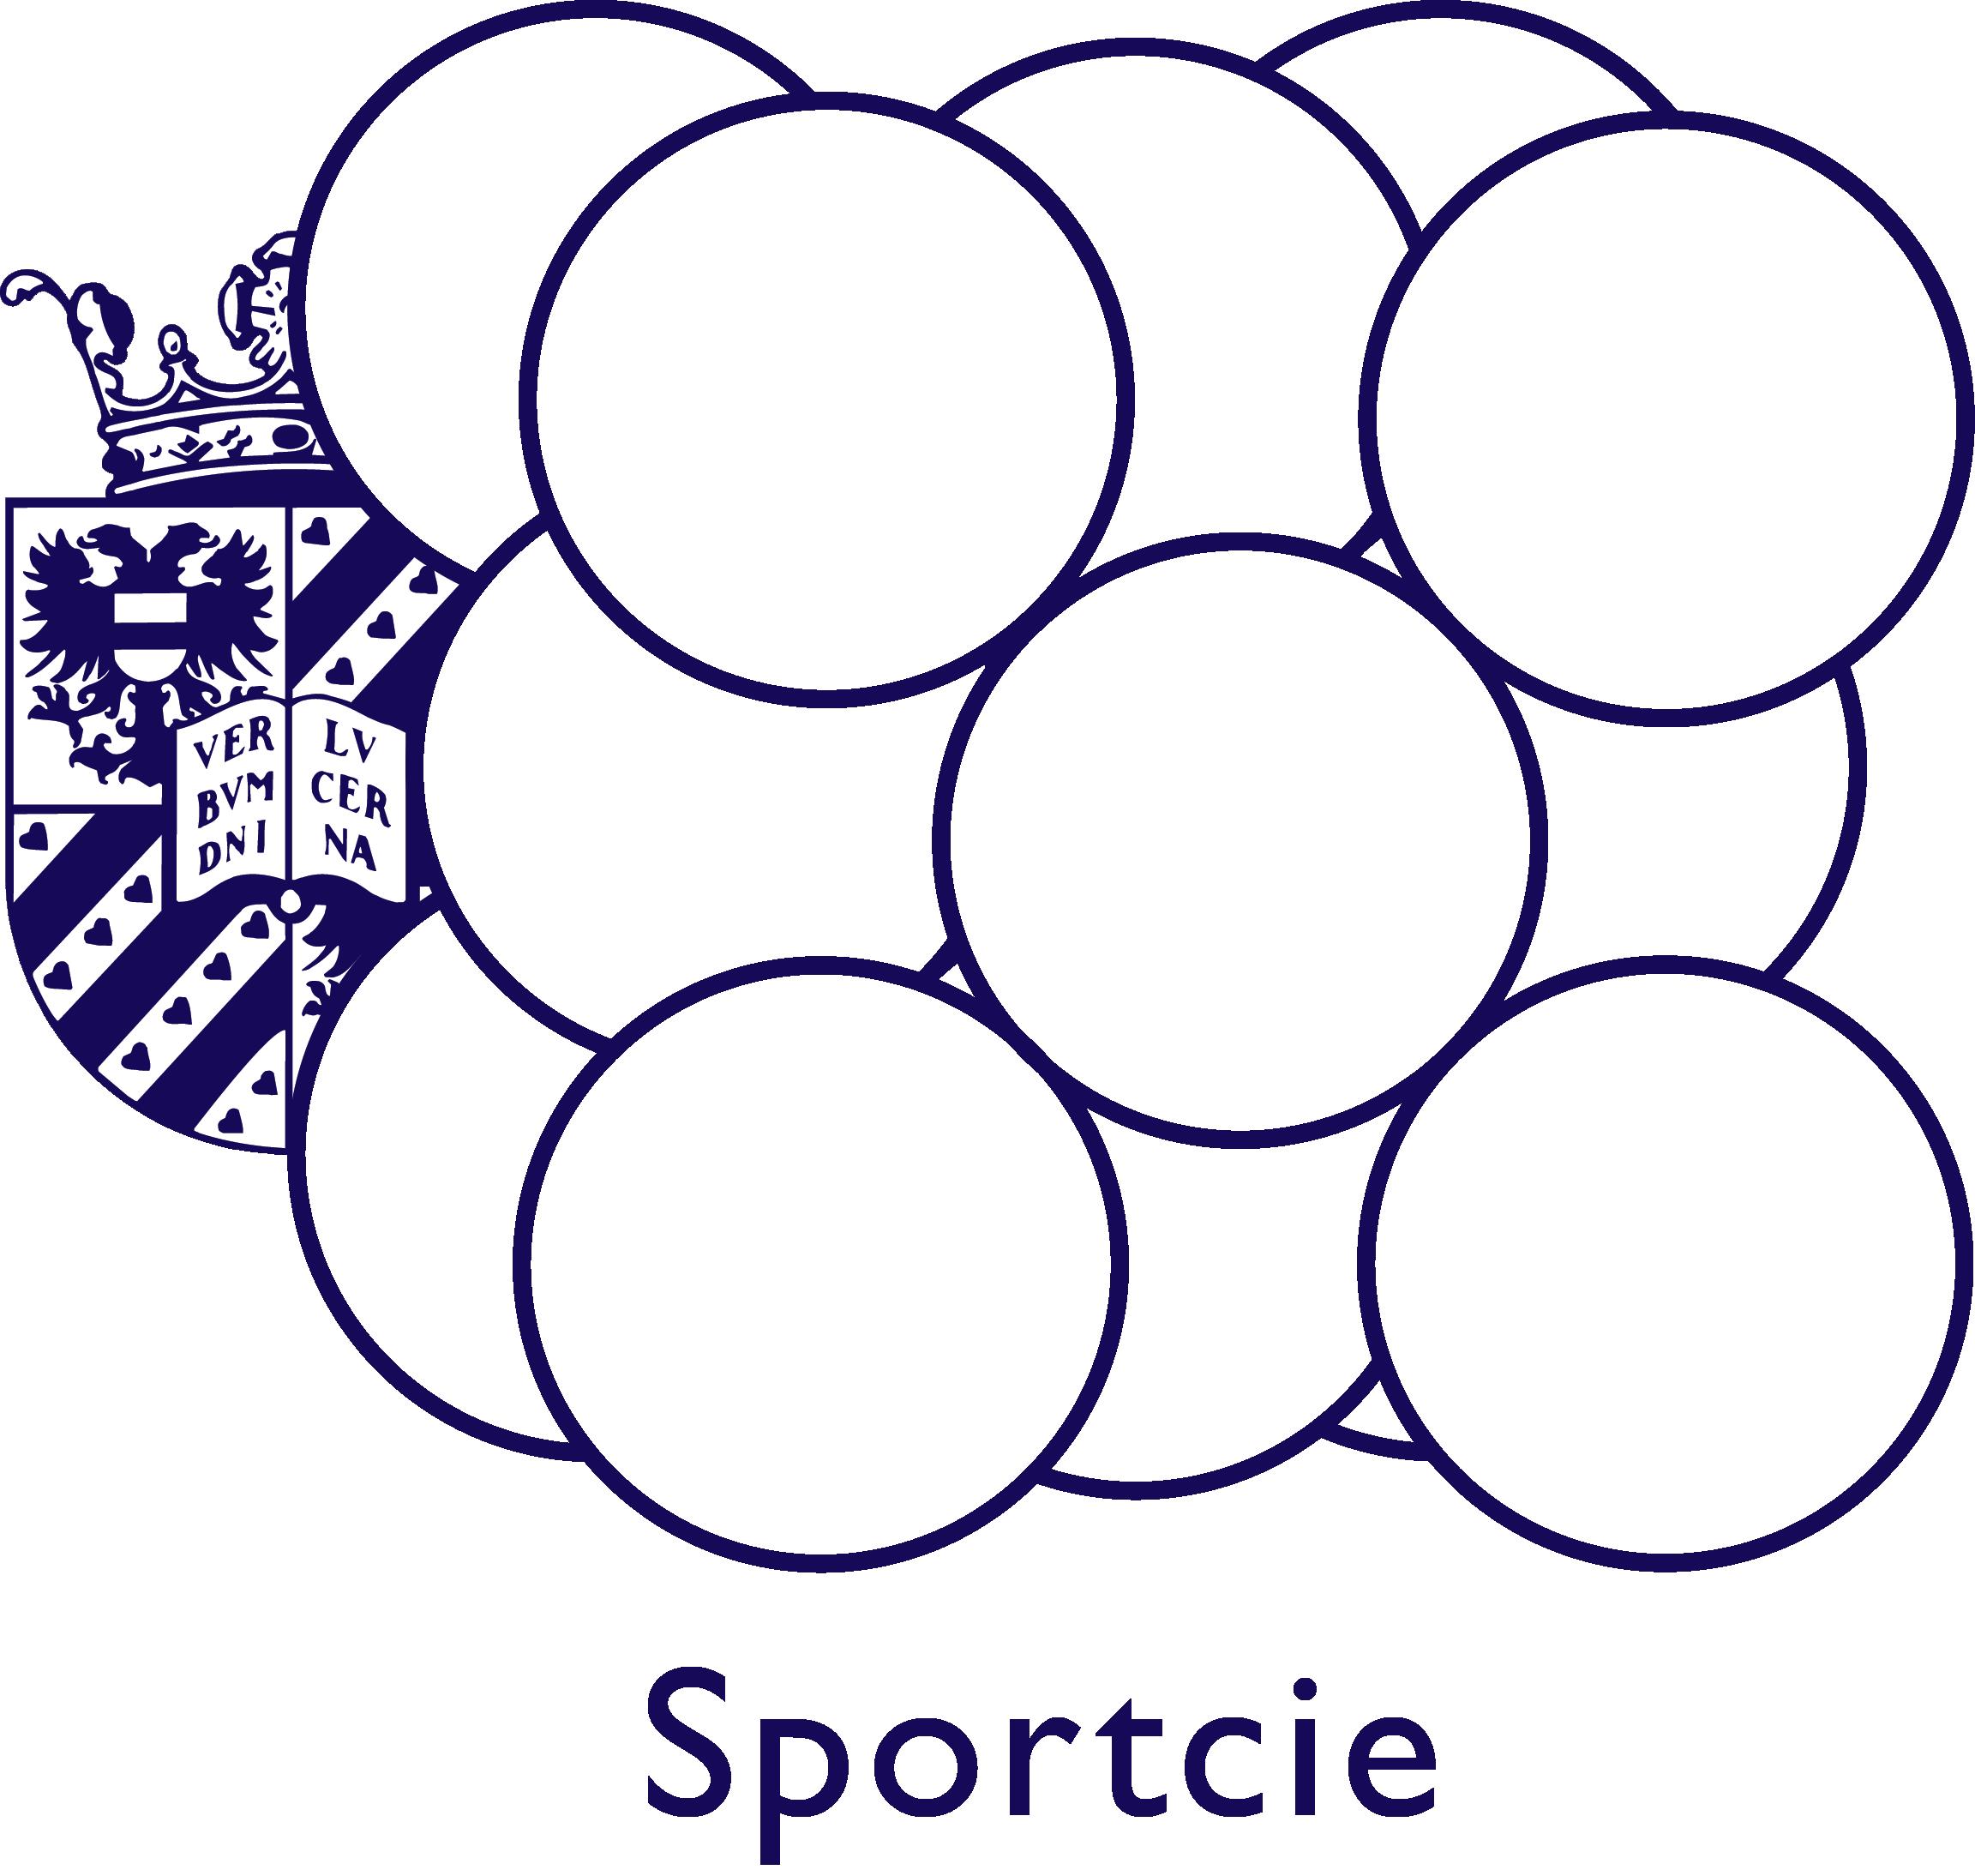 Sportcie's logo